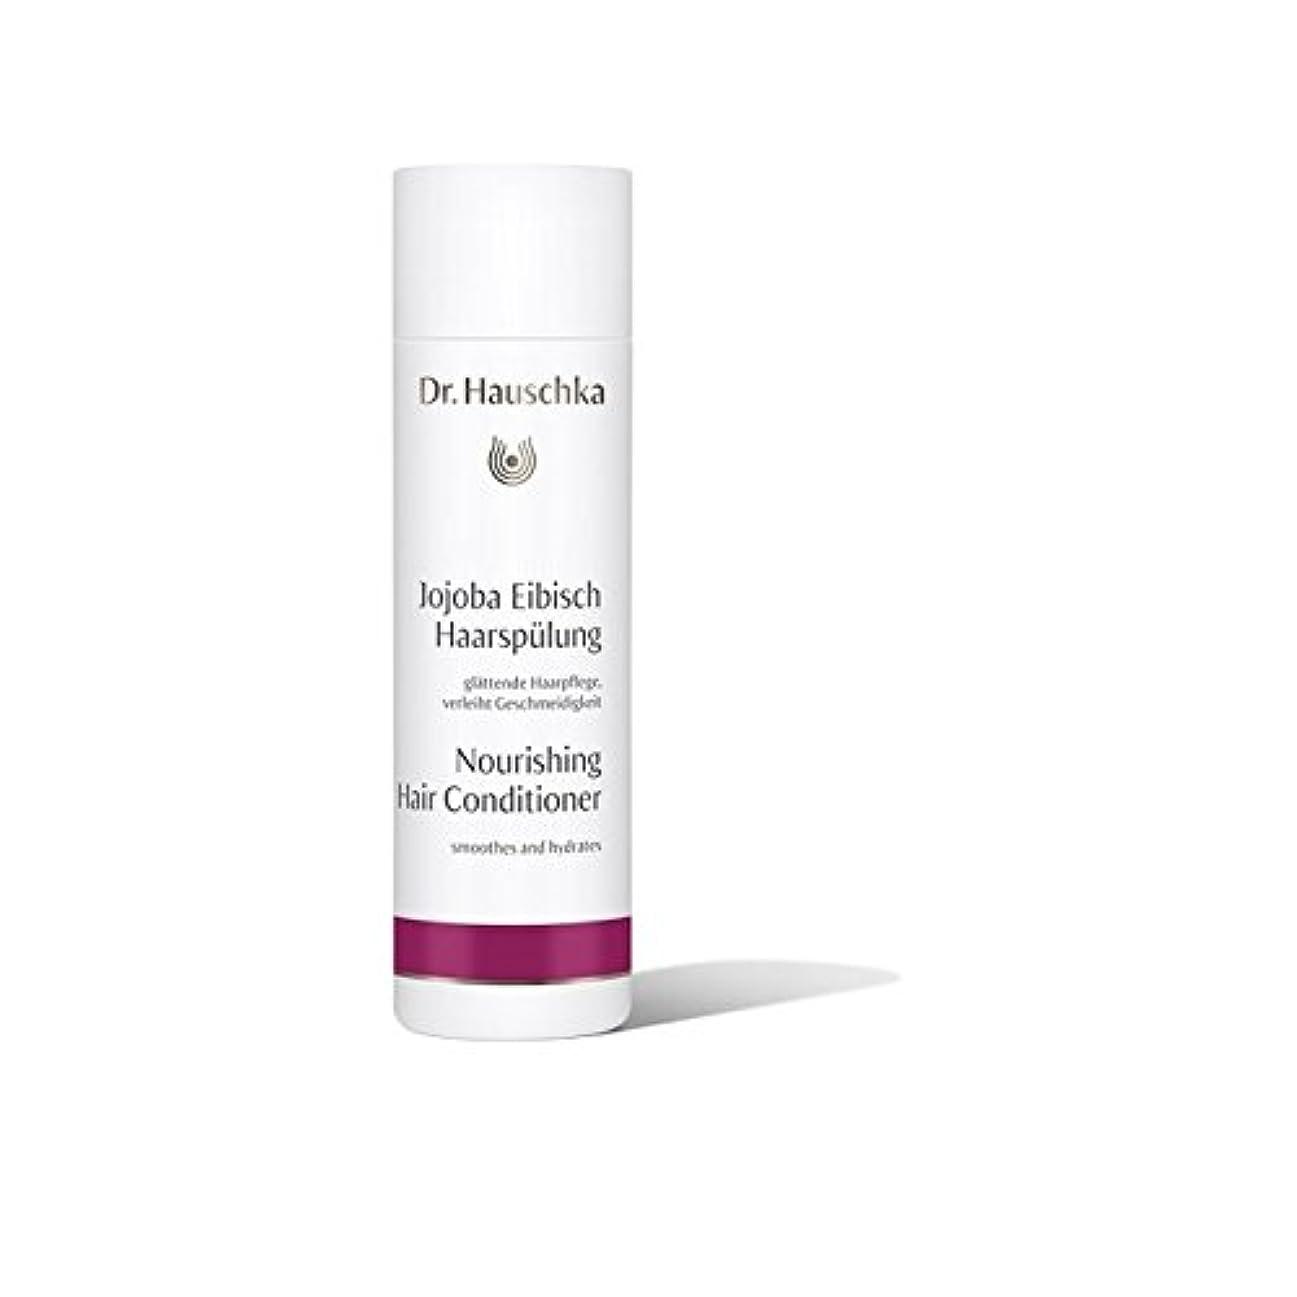 オーロックベックスヶ月目ハウシュカ栄養ヘアコンディショナー(200ミリリットル) x2 - Dr. Hauschka Nourishing Hair Conditioner (200ml) (Pack of 2) [並行輸入品]